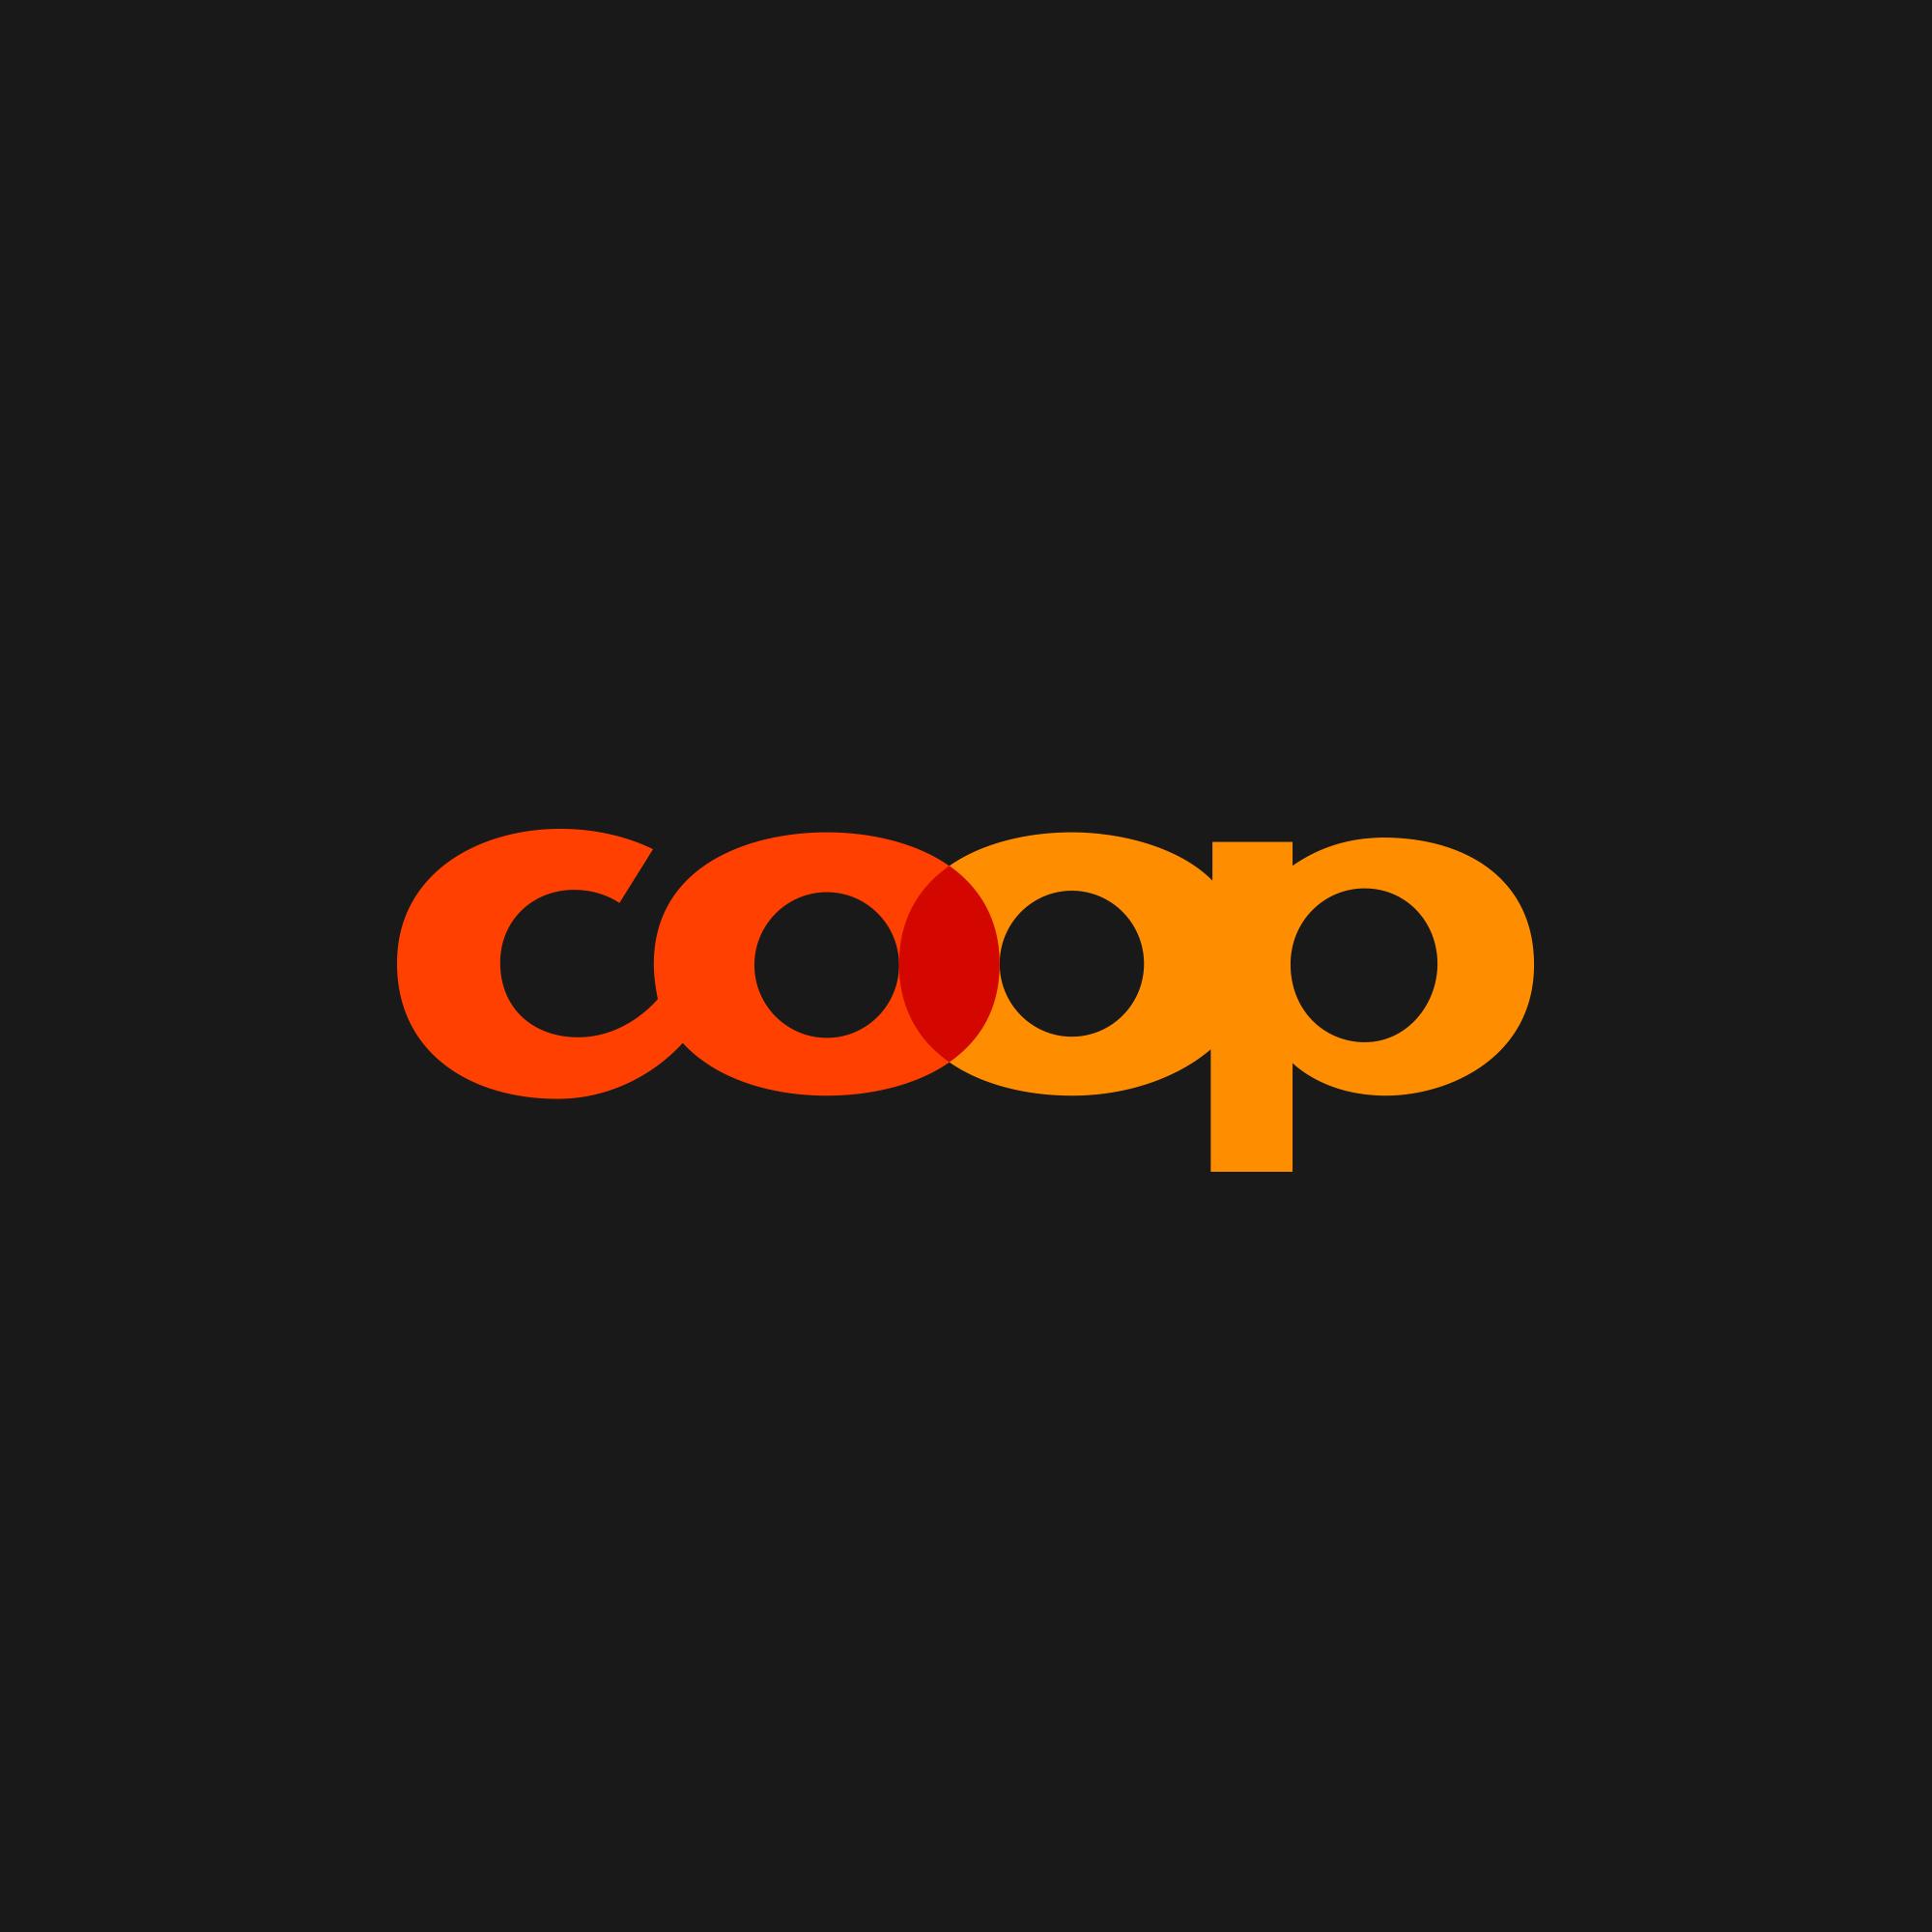 h&p_Coop Genossenschaft